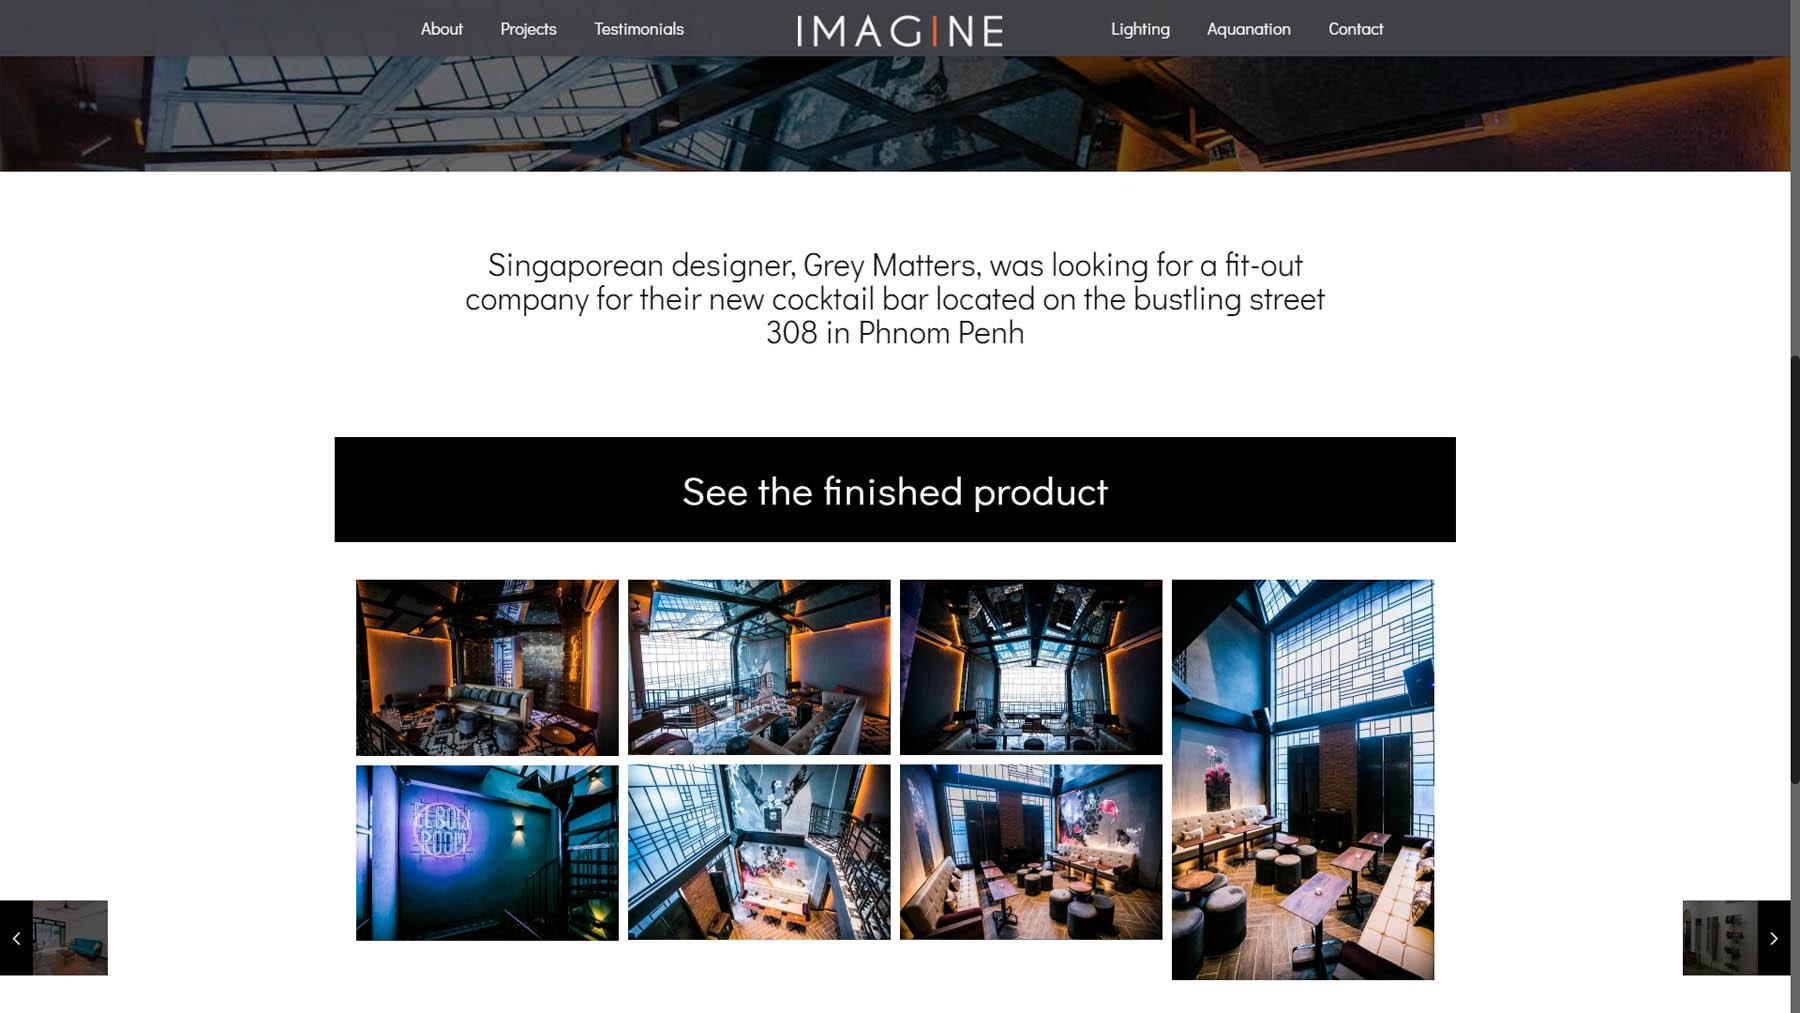 Project management website